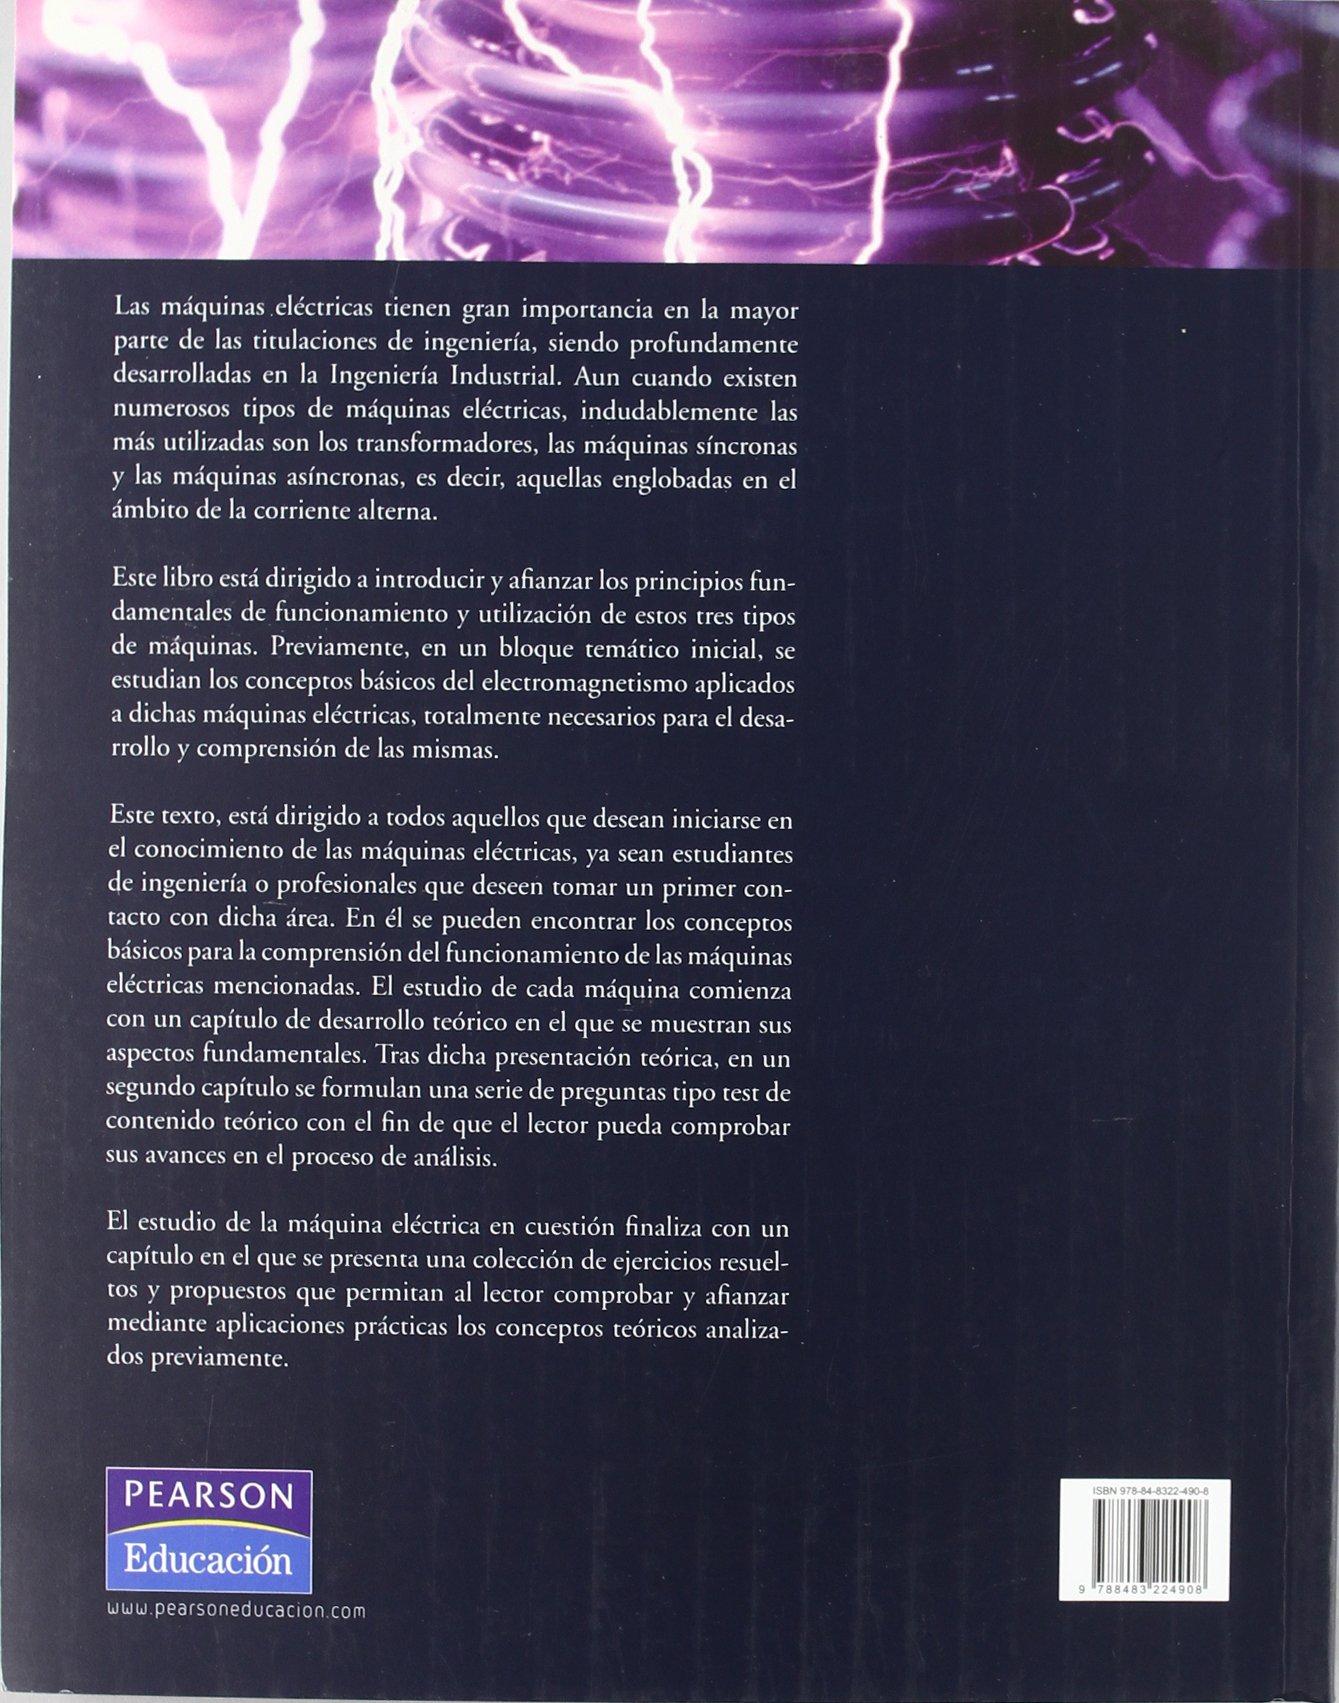 Guía de autoaprendizaje de máquinas eléctricas: Amazon.es: Javier Mazón: Libros